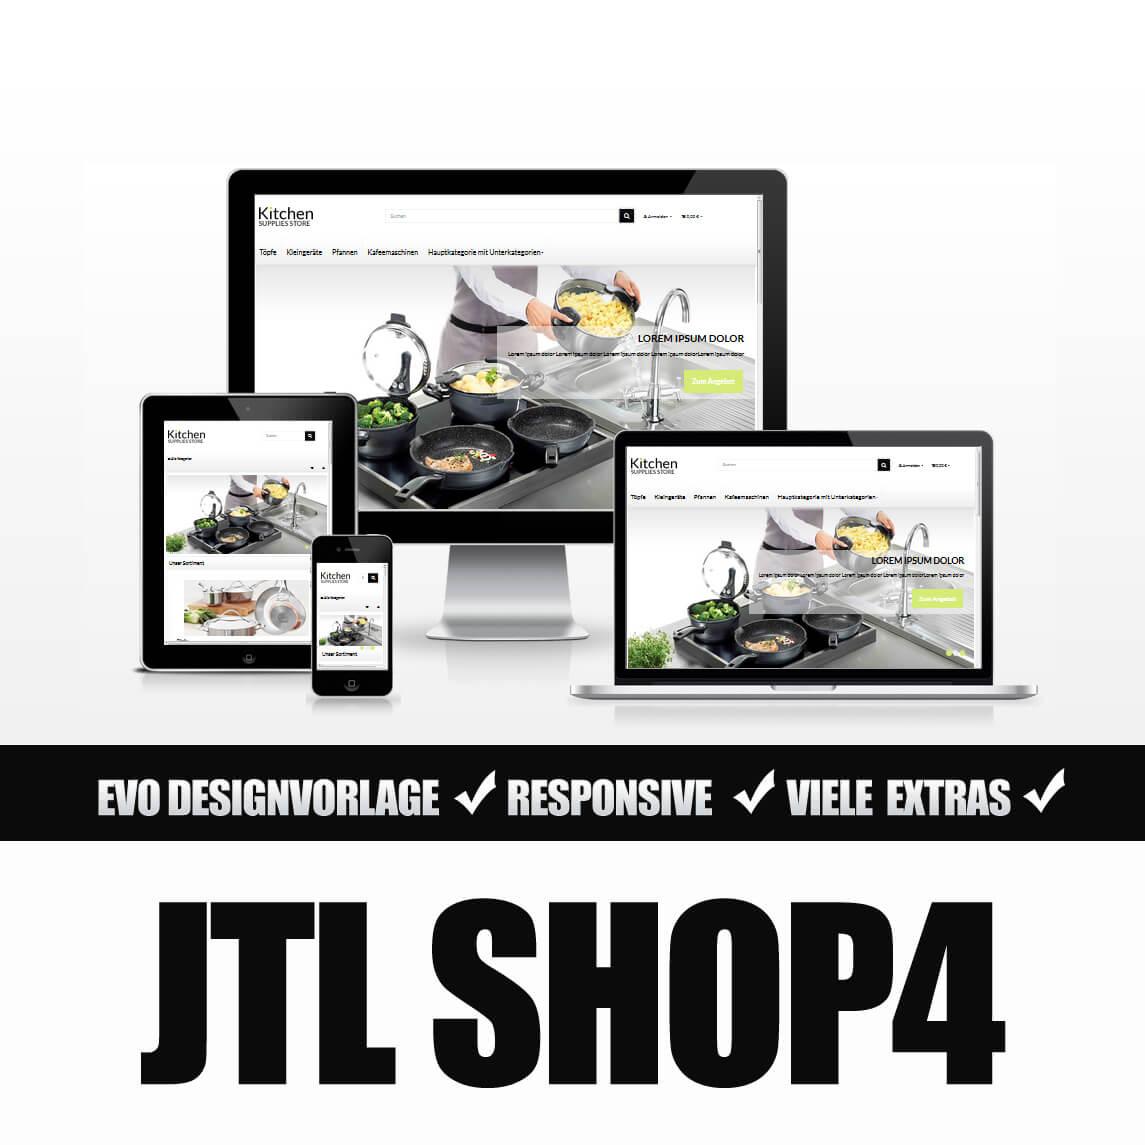 JTL Shop4 Template #2-6